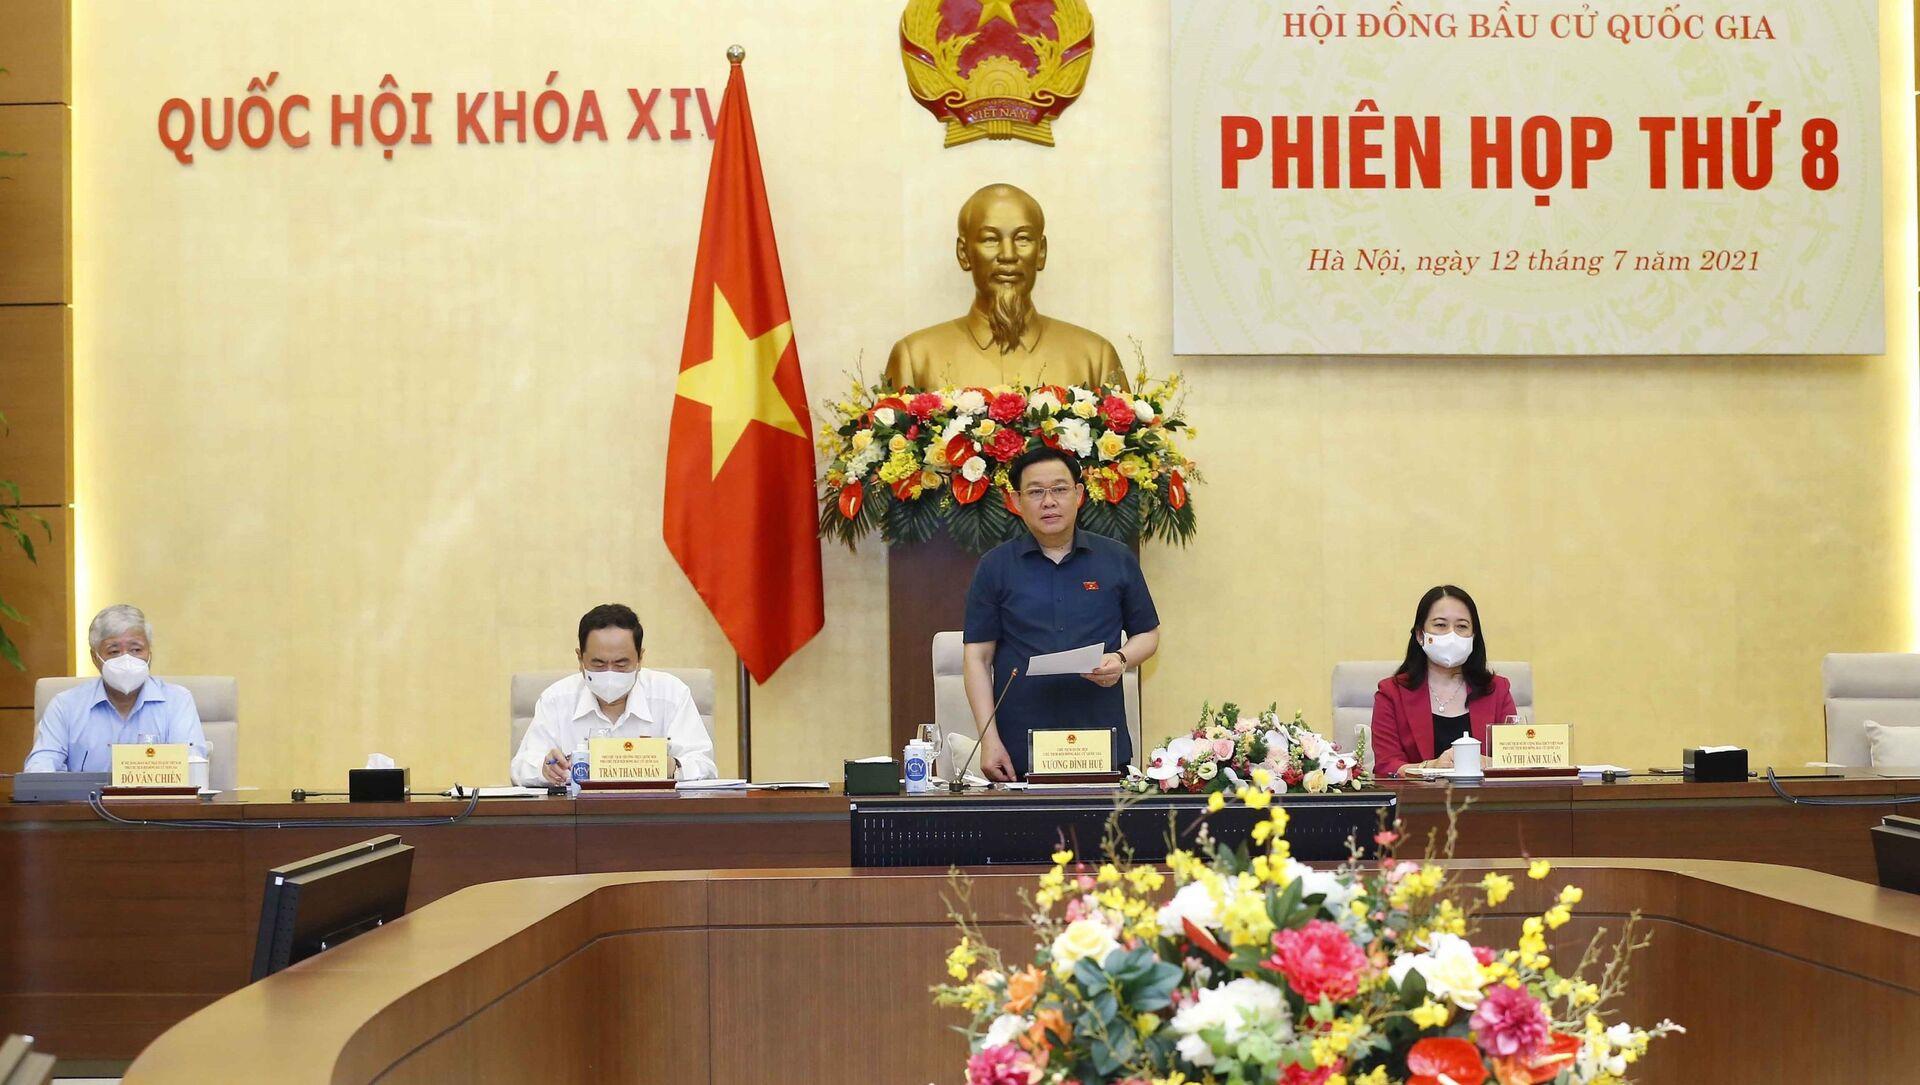 Chủ tịch Quốc hội Vương Đình Huệ phát biểu khai mạc Phiên họp thứ 8 của Hội đồng Bầu cử quốc gia. - Sputnik Việt Nam, 1920, 12.07.2021